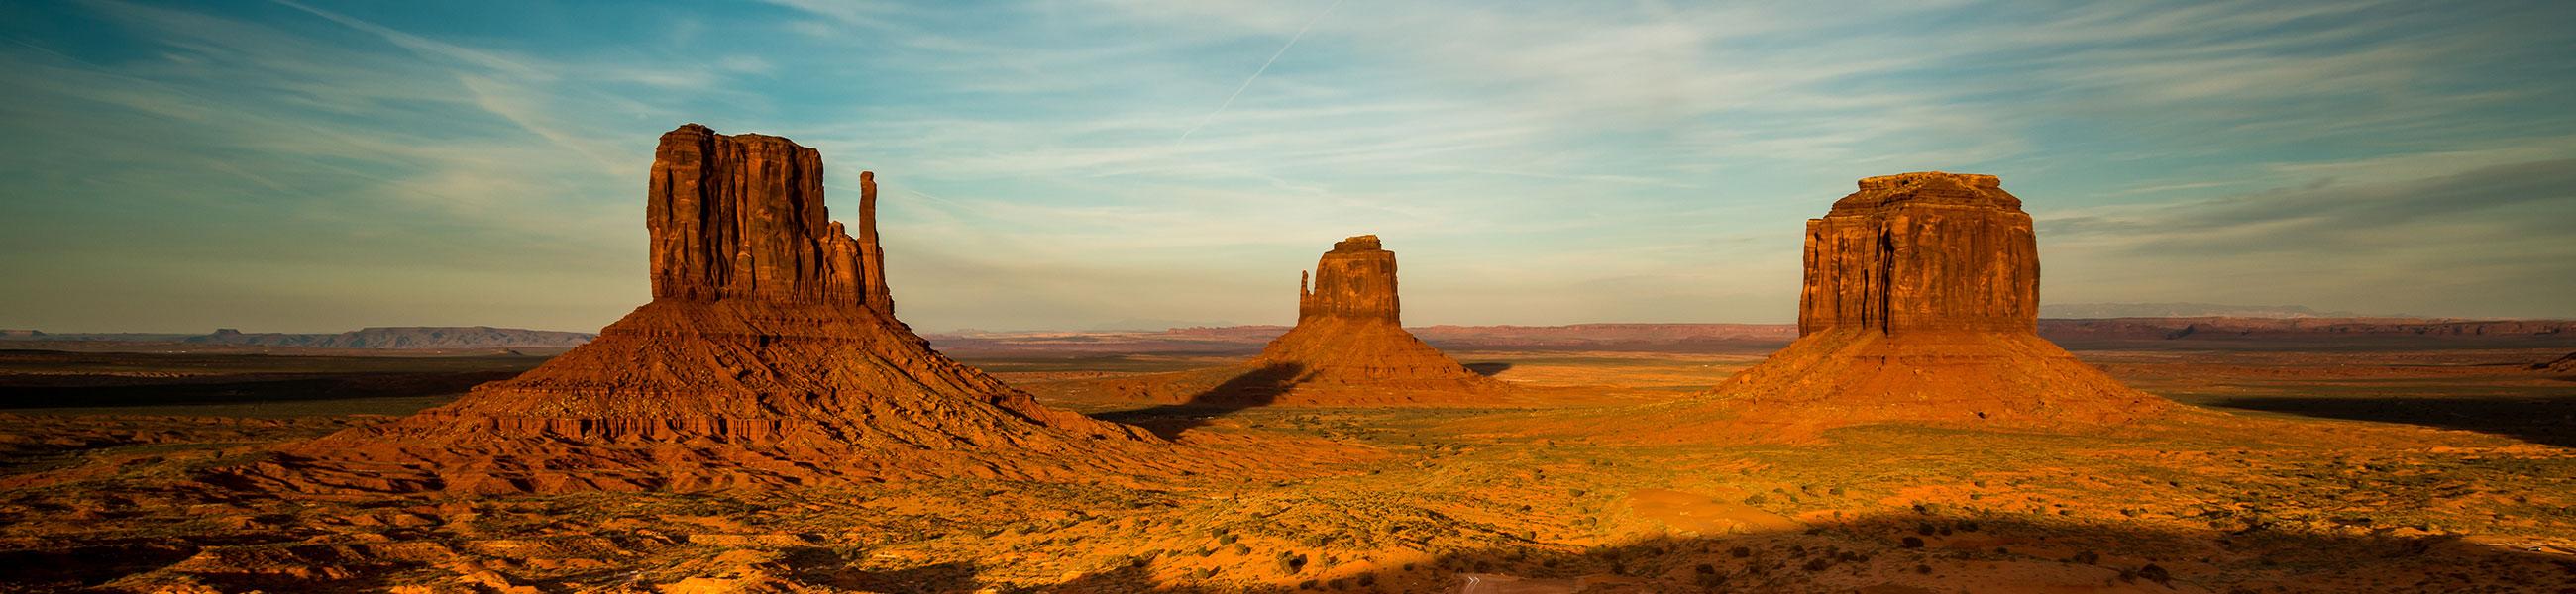 Monument Valley au coucher du soleil